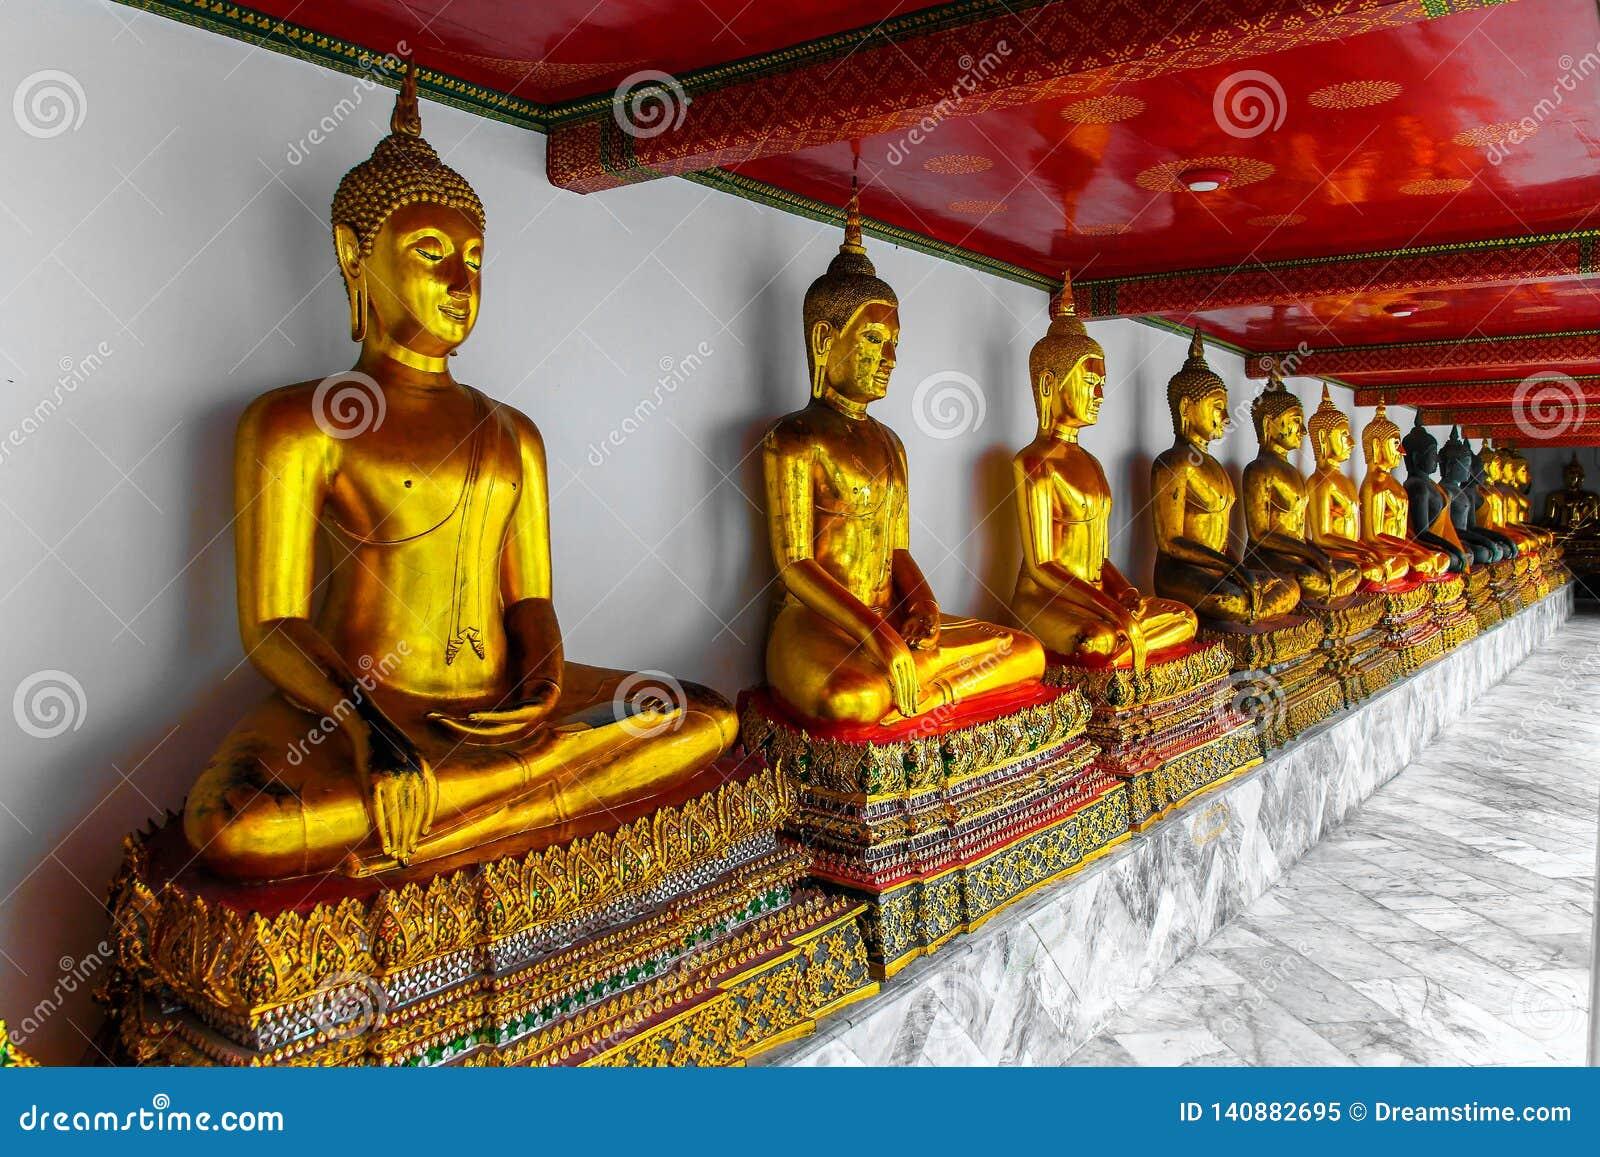 Υπόλοιπος κόσμος των χρυσών buddhas στο ναό του ξαπλώνοντας Βούδα, Μπανγκόκ, Ταϊλάνδη